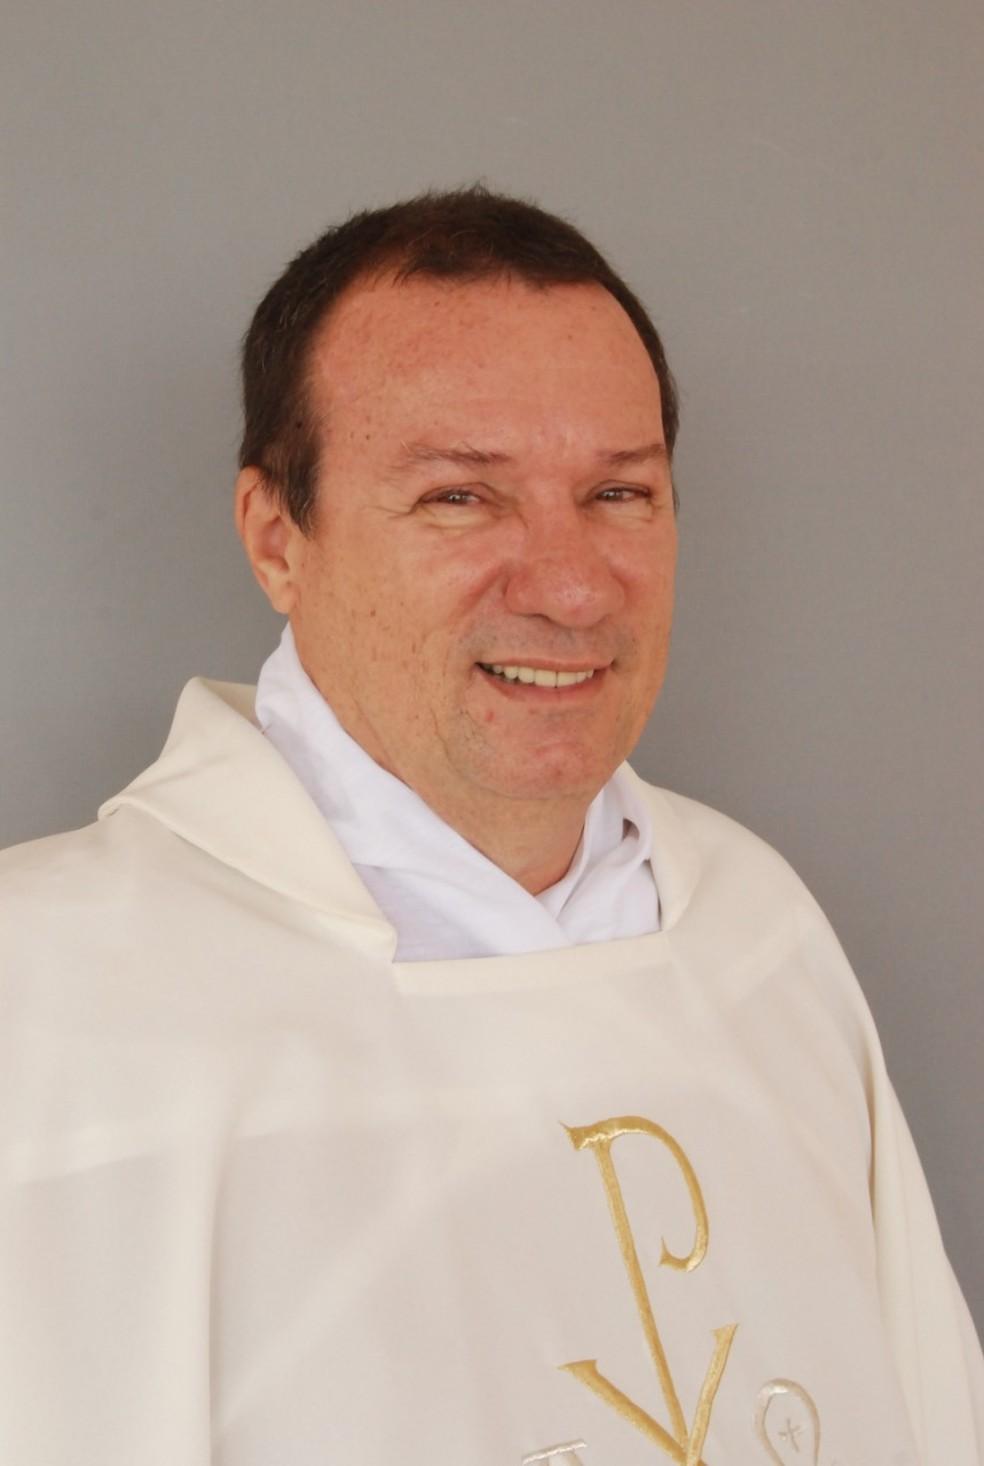 Padre Idalmo César Barbosa Fernandes, de 66 anos, foi encontrado morto dentro de um quarto de hotel em Caldas Novas — Foto: Arquidiocese de Natal